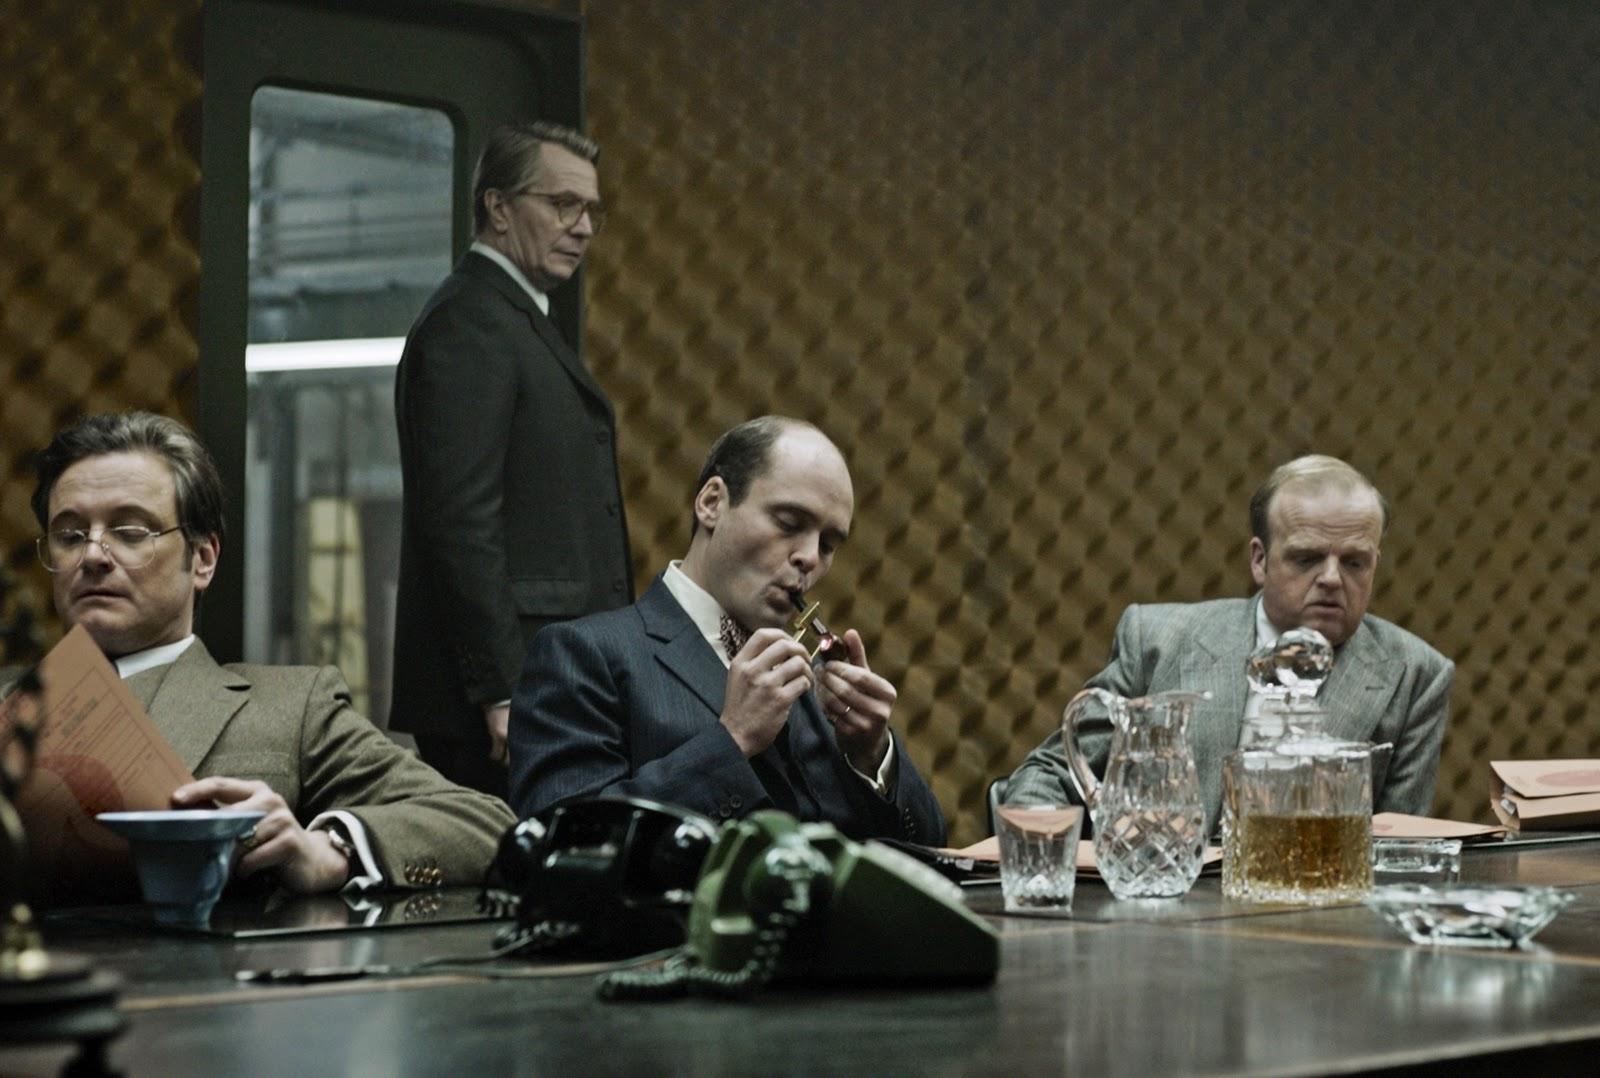 http://1.bp.blogspot.com/-vtODGUwXhxo/T7ffOIw8o3I/AAAAAAAAFdQ/N-u_LcRNAUE/s1600/Tinker+Tailor+Soldier+Spy+1.jpg